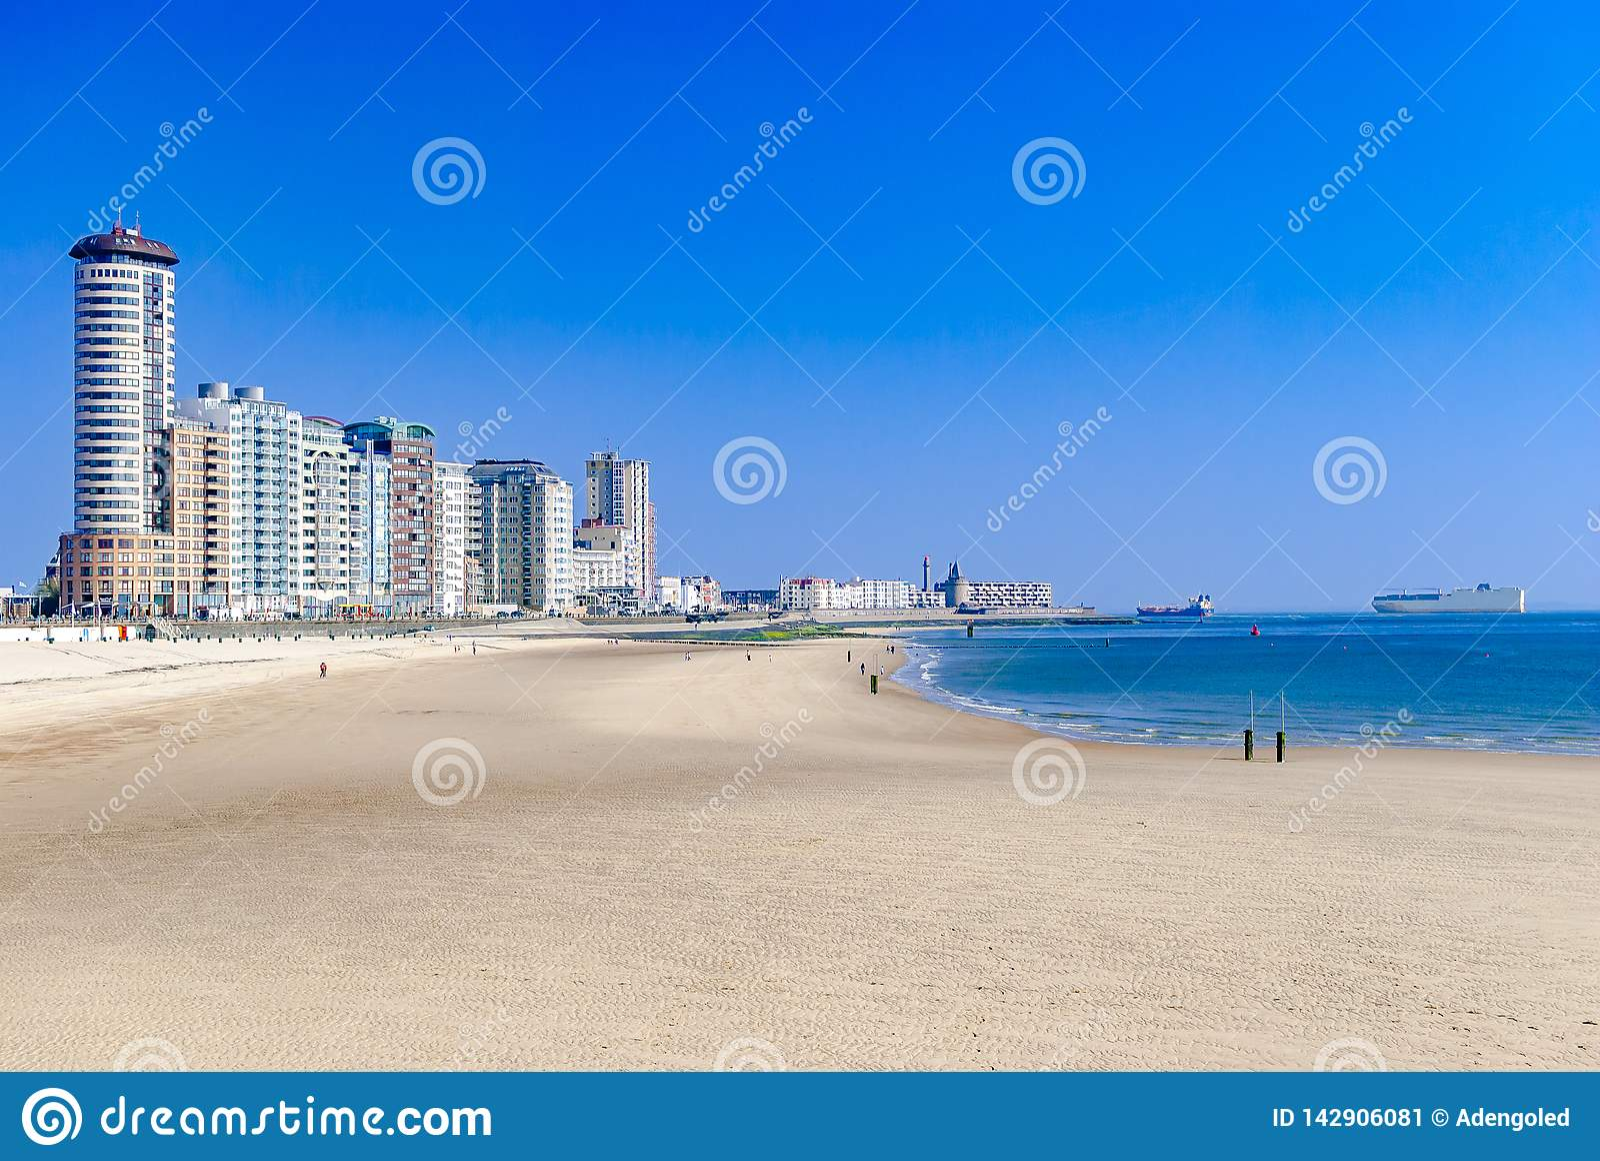 Widok nowożytny nabrzeżny miasteczko, miasto i swój plaża lub Duzi ładunków statki w morzu pojęcia tła ramy piasek seashells lato